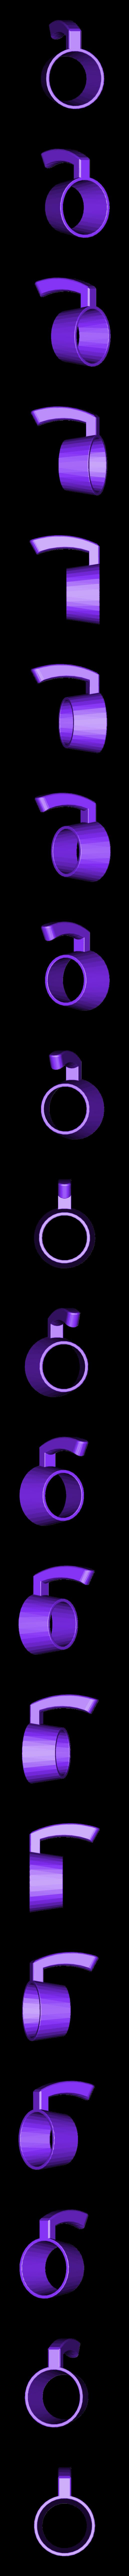 10oz-350ml.stl Télécharger fichier STL gratuit Manche de tasse • Design pour imprimante 3D, GomaRebasa